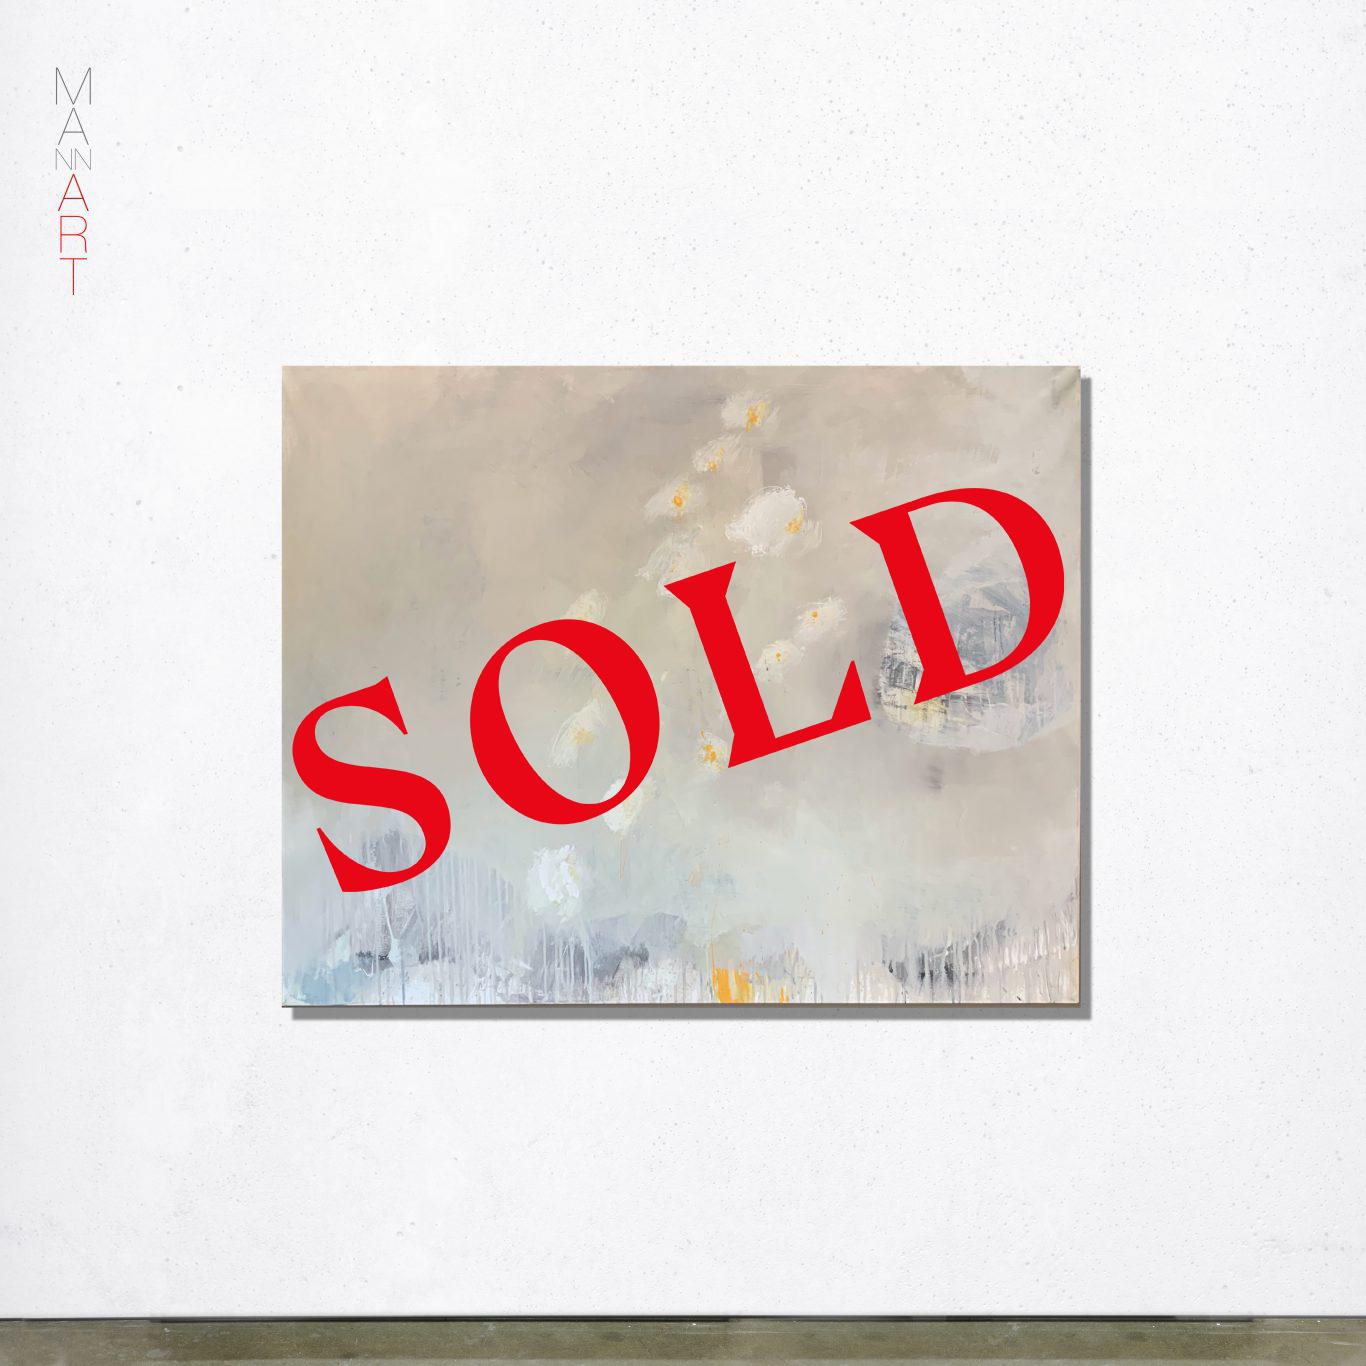 MANNA Art Neve - Sold